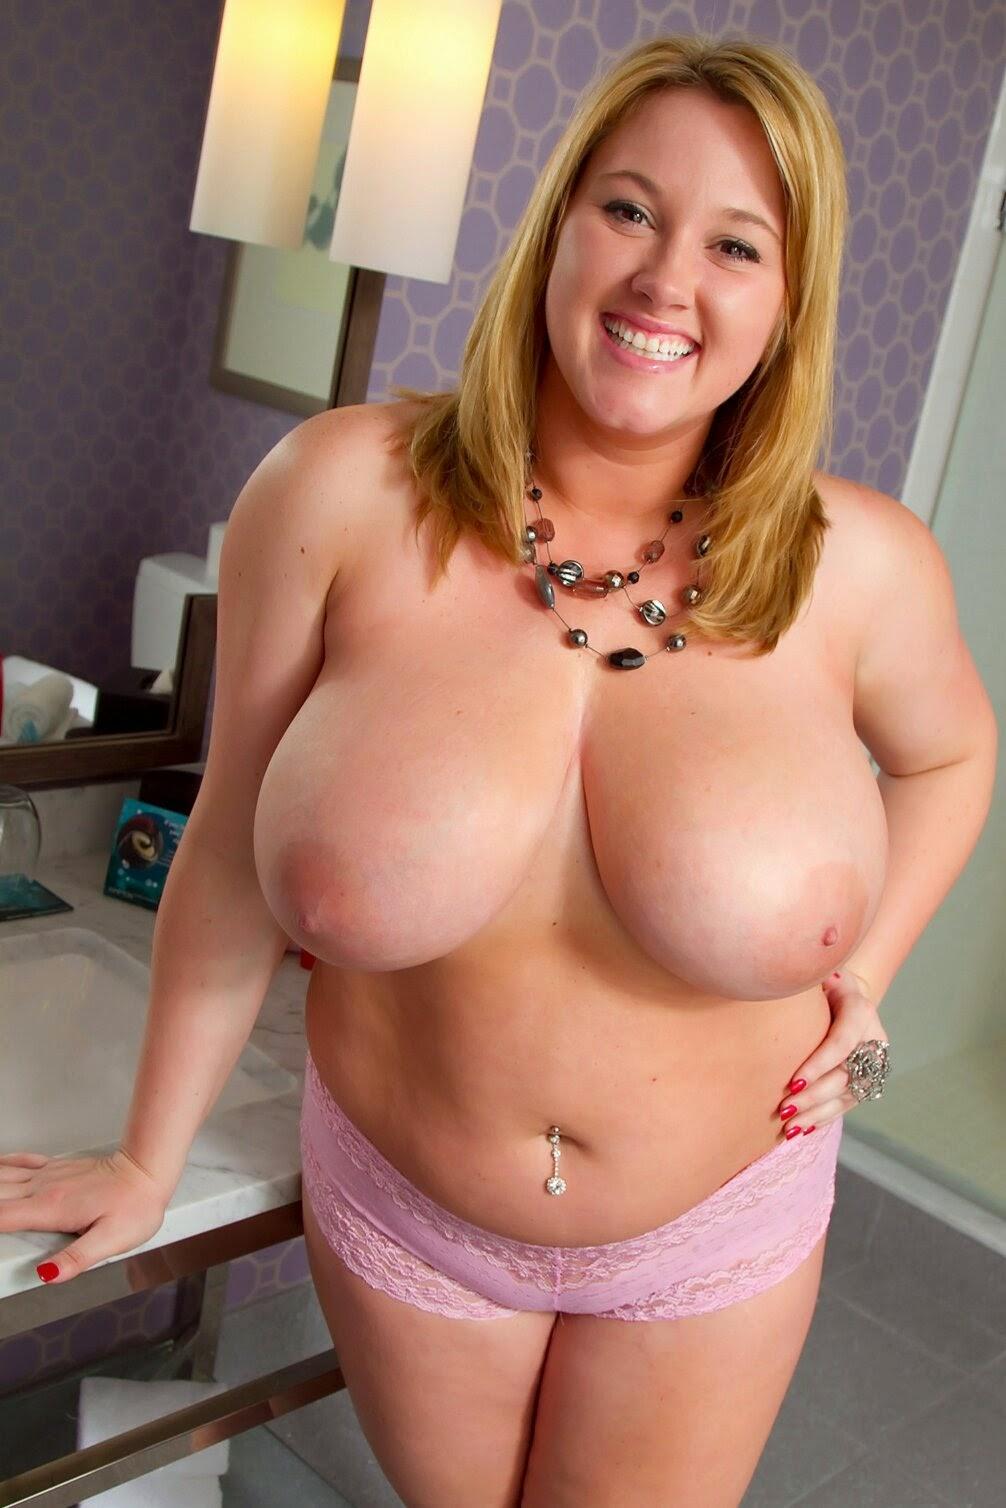 Толстые голых девушки фото 16 фотография